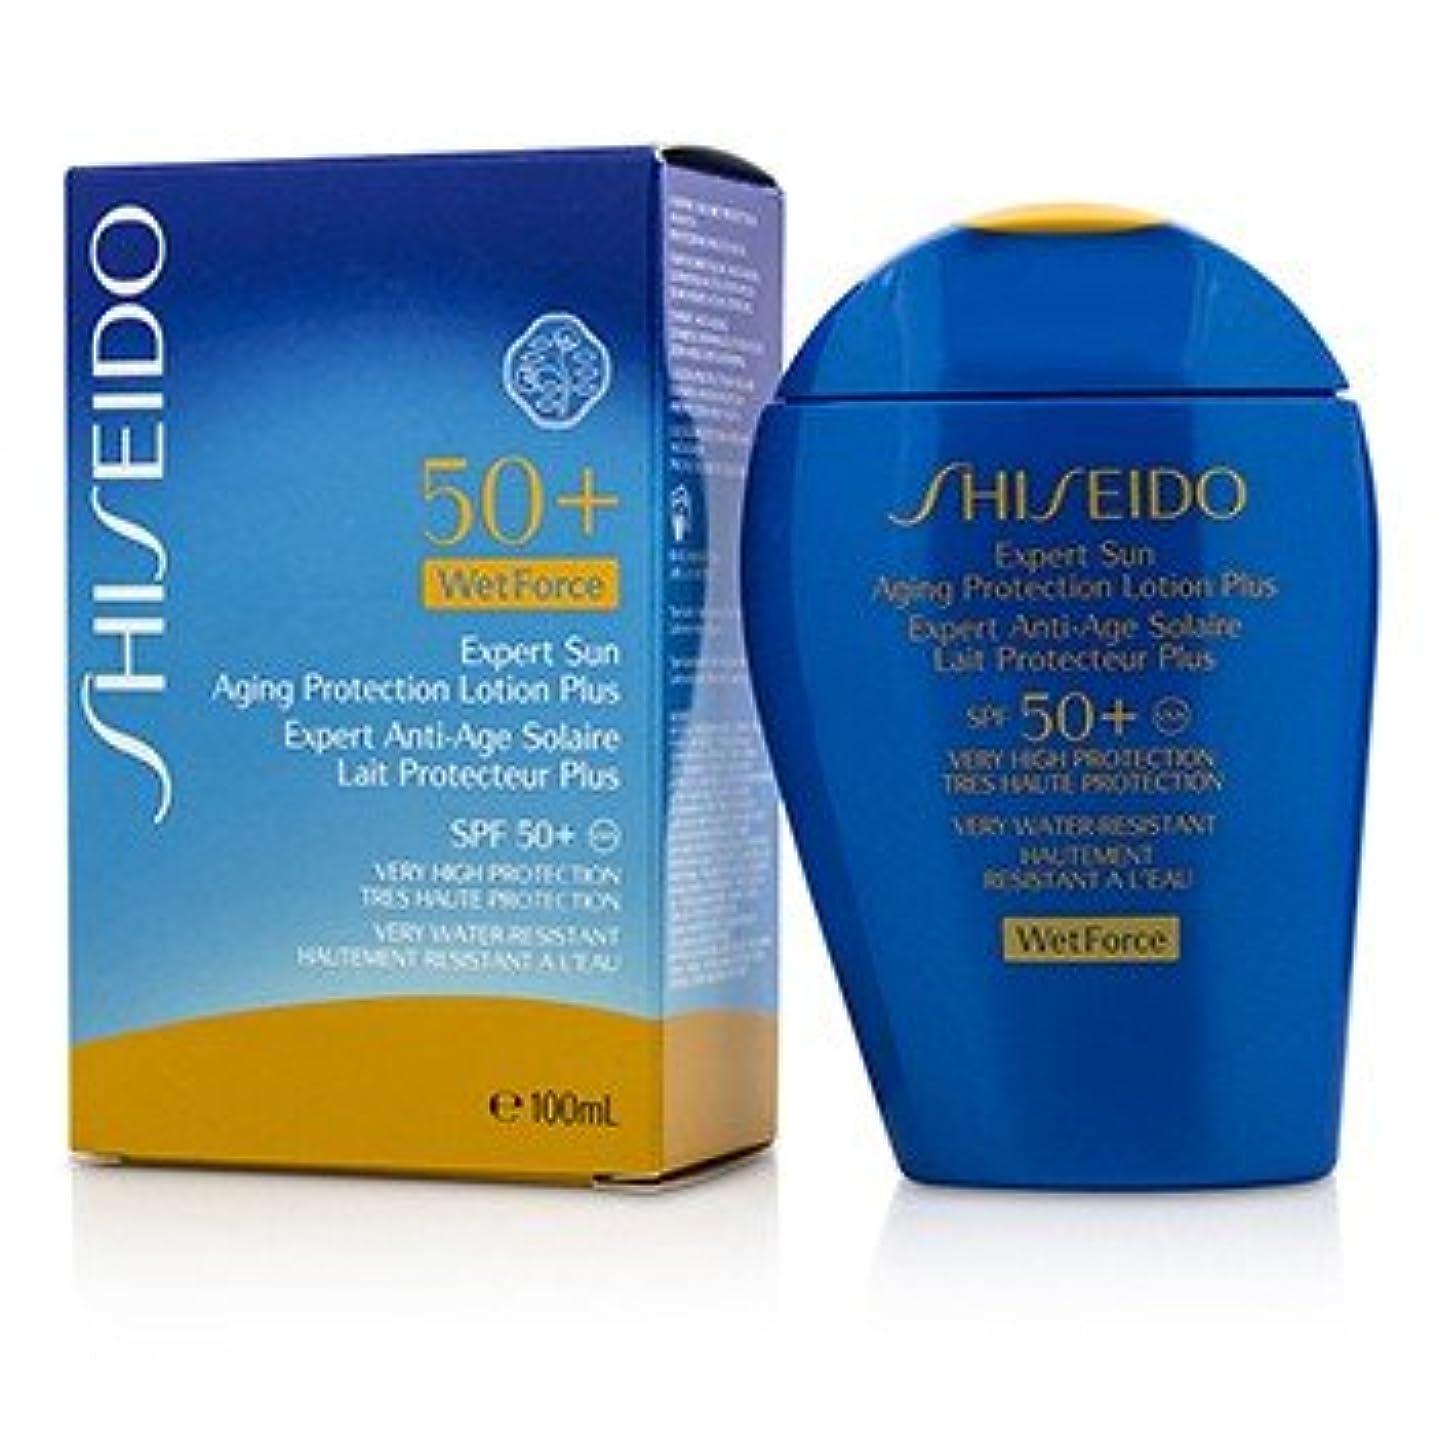 パイロット車両分散[Shiseido] Expert Sun Aging Protection Lotion Plus WetForce For Face & Body SPF 50+ 100ml/3.4oz